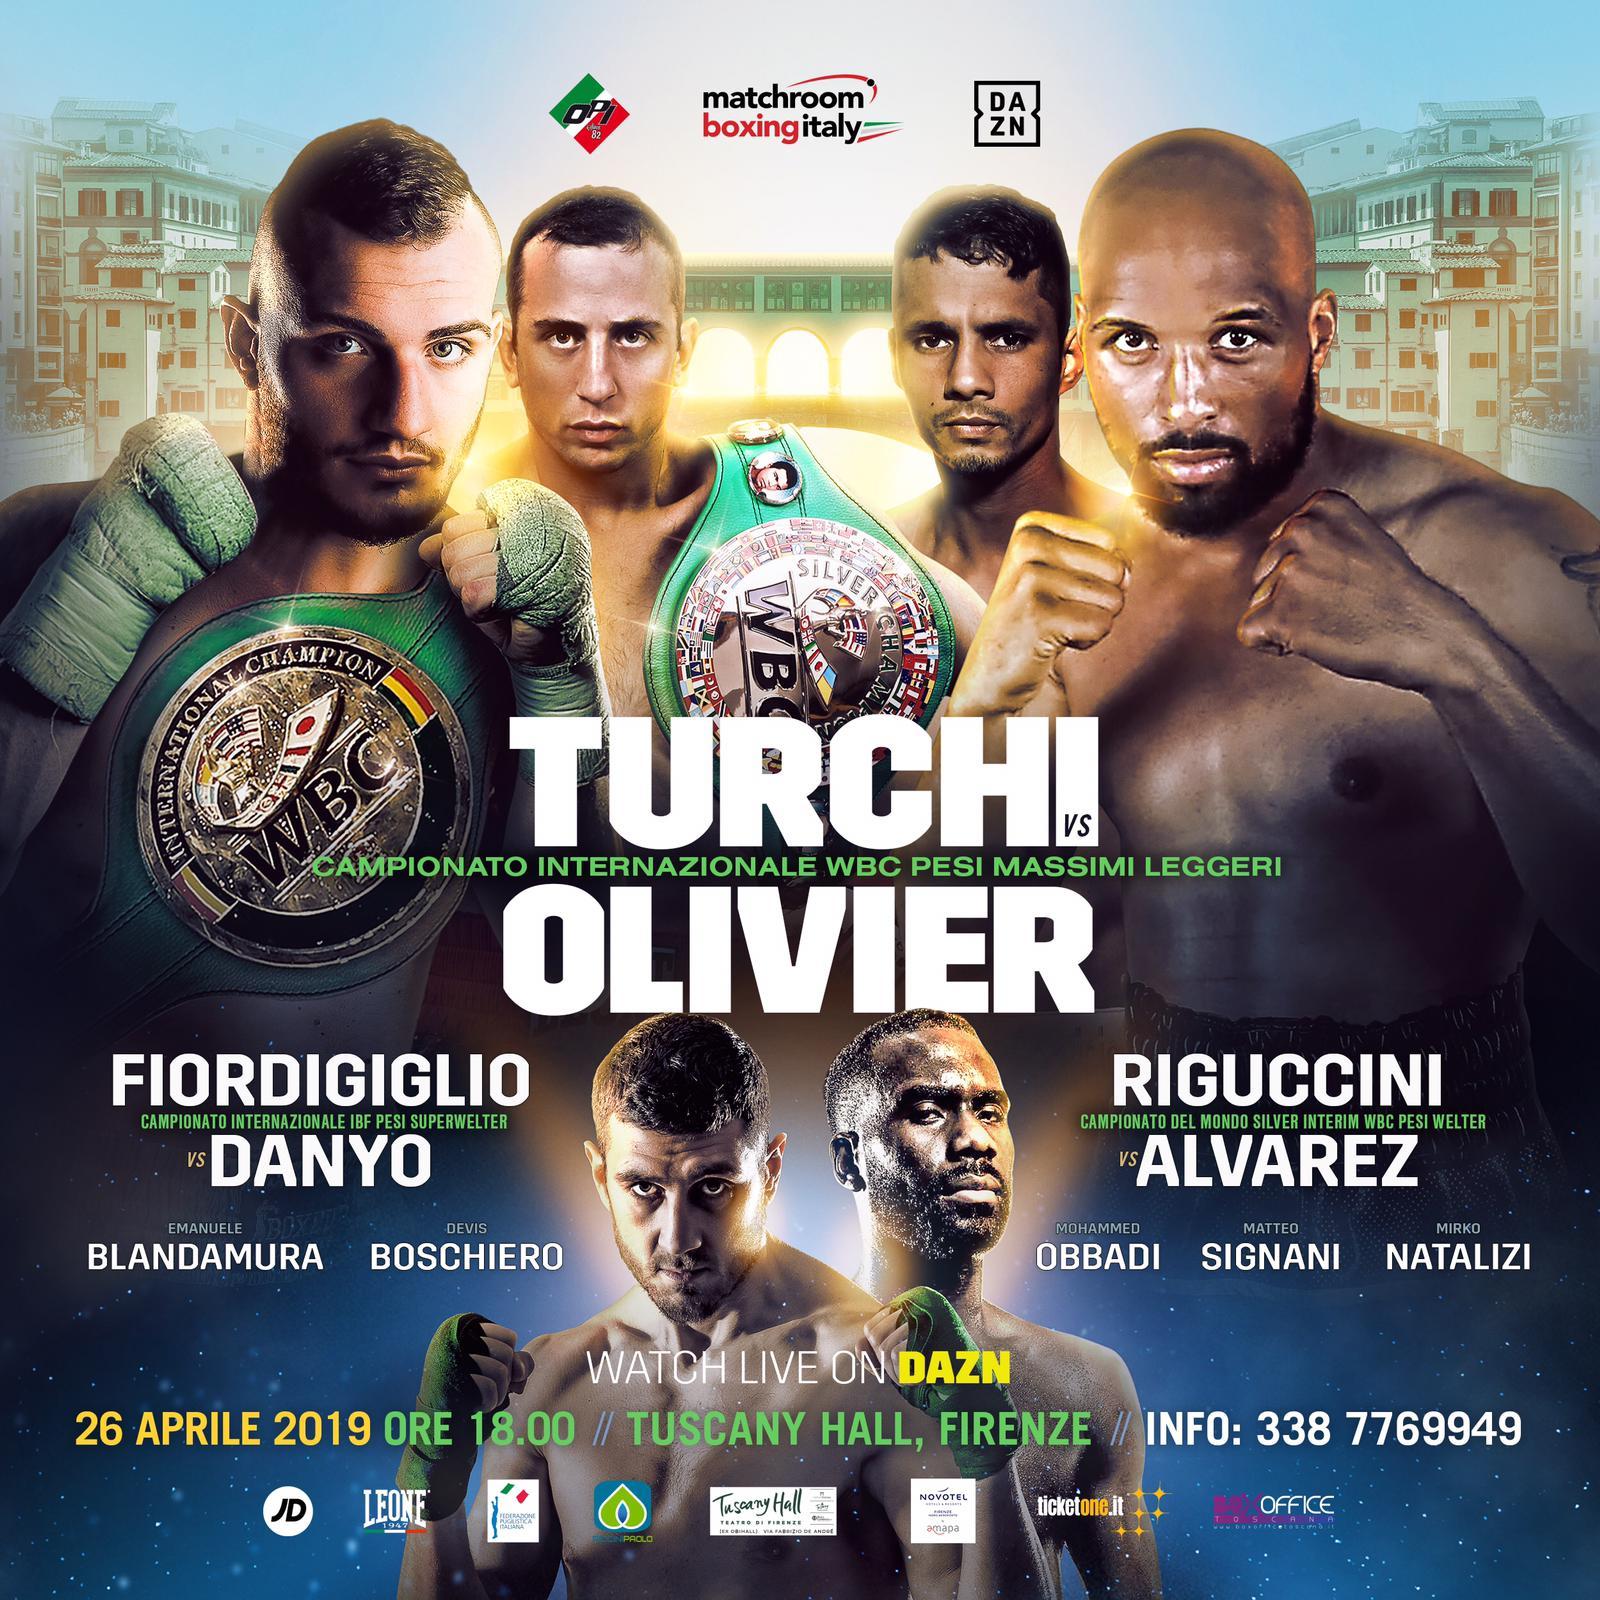 Grande boxe a Milano e Verona con Scardina, Grandelli, Boschiero, Rigoldi e Turchi